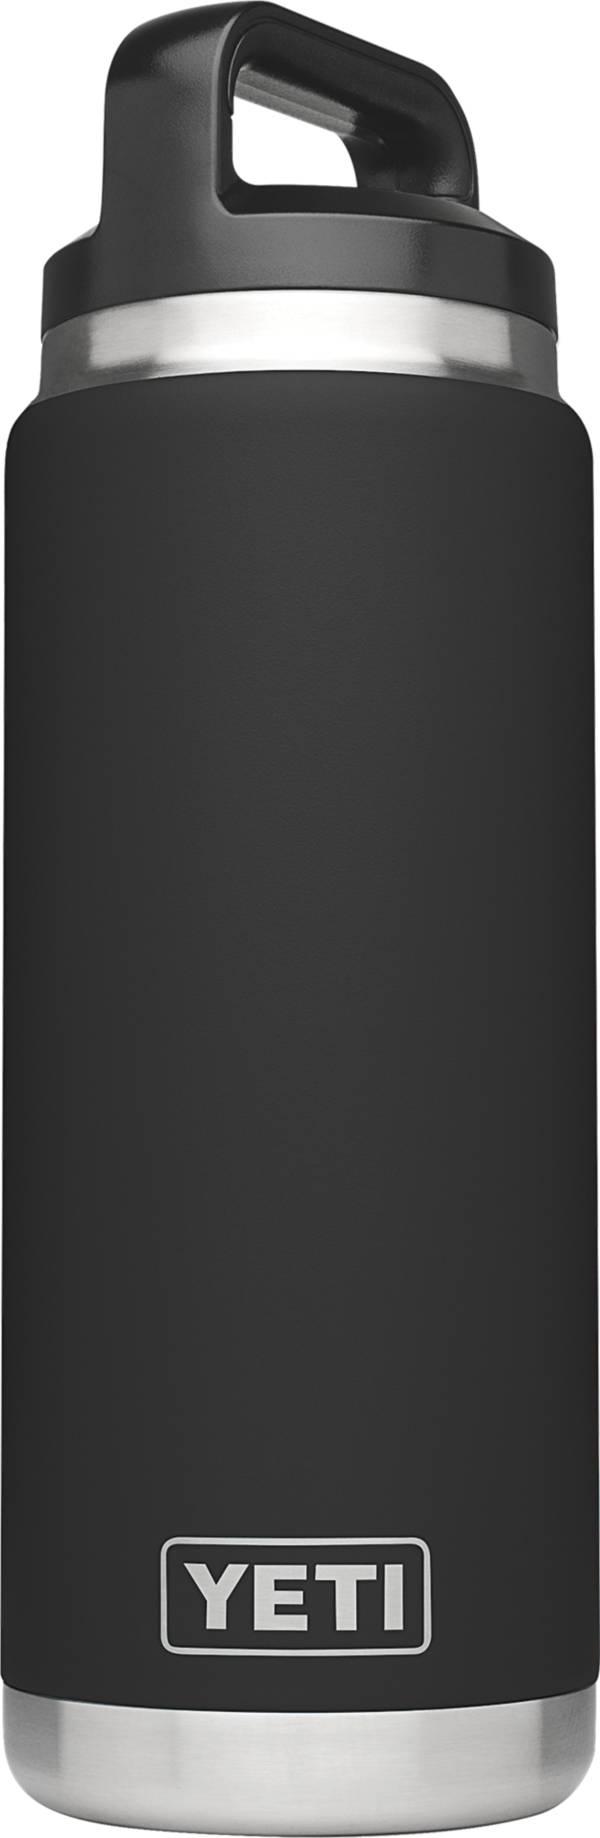 YETI Rambler 26 oz. Bottle product image